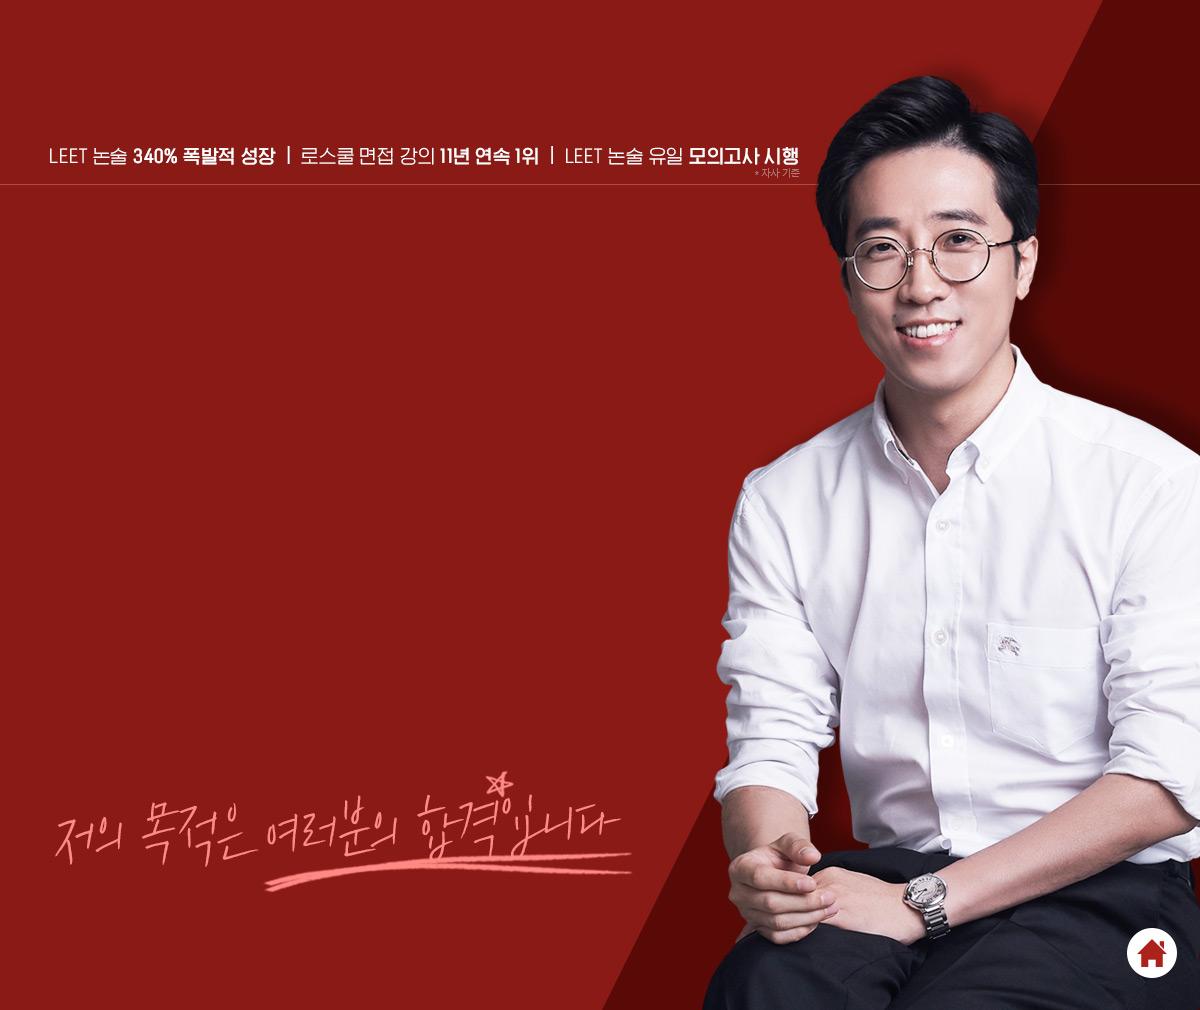 역시, 엘리트 논술 김종수 입니다.